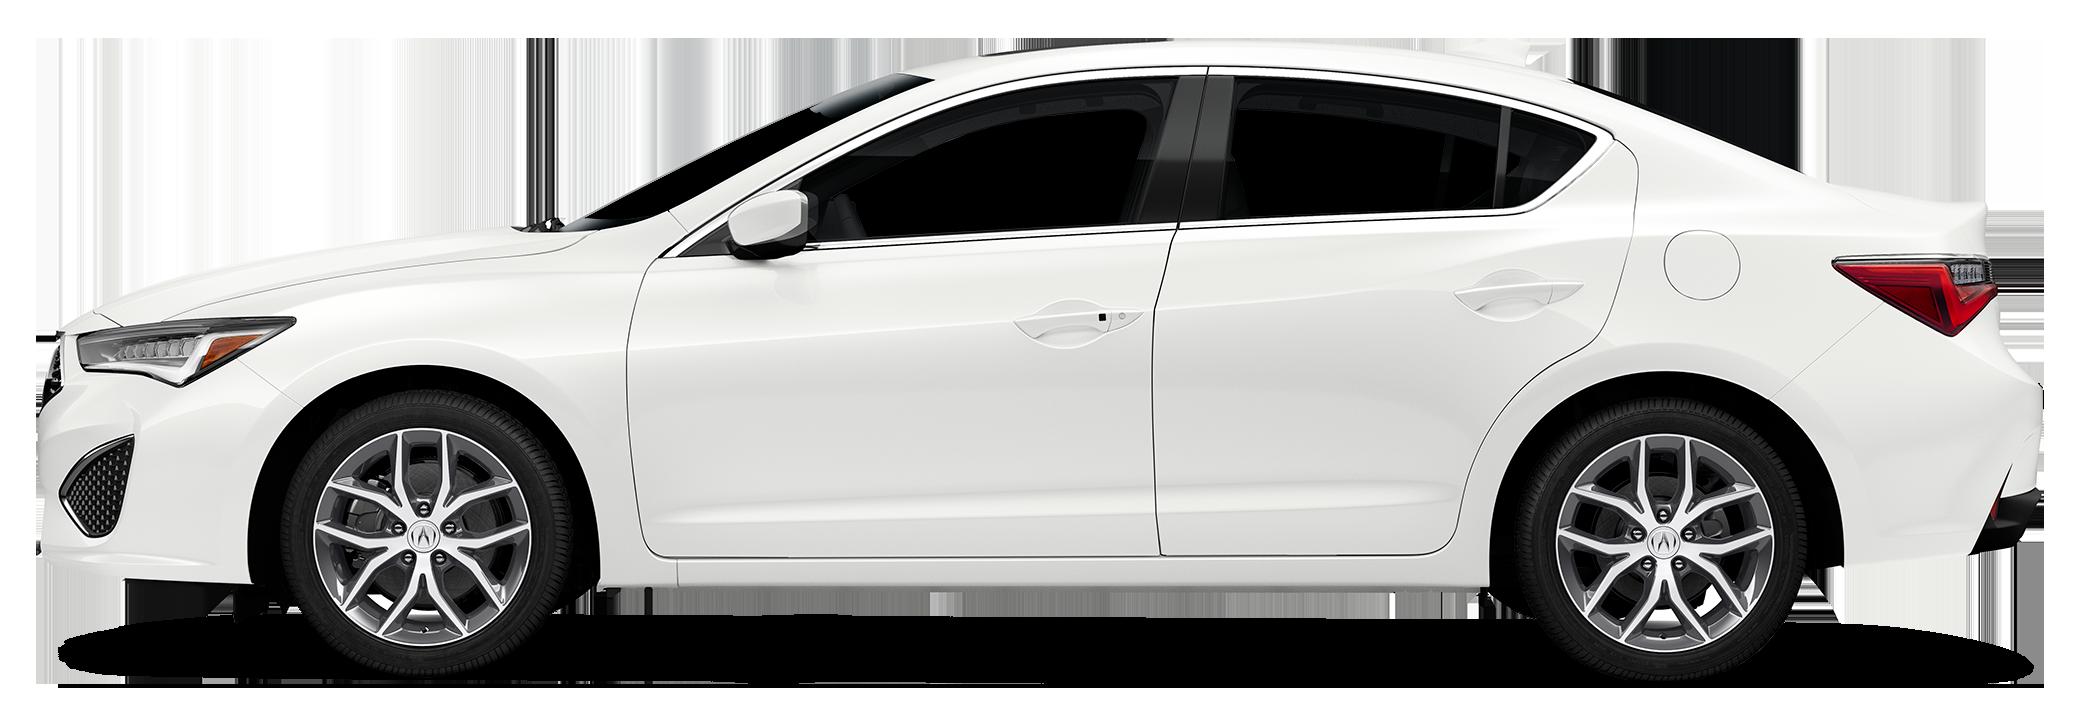 2020 Acura ILX Sedan Premium Package